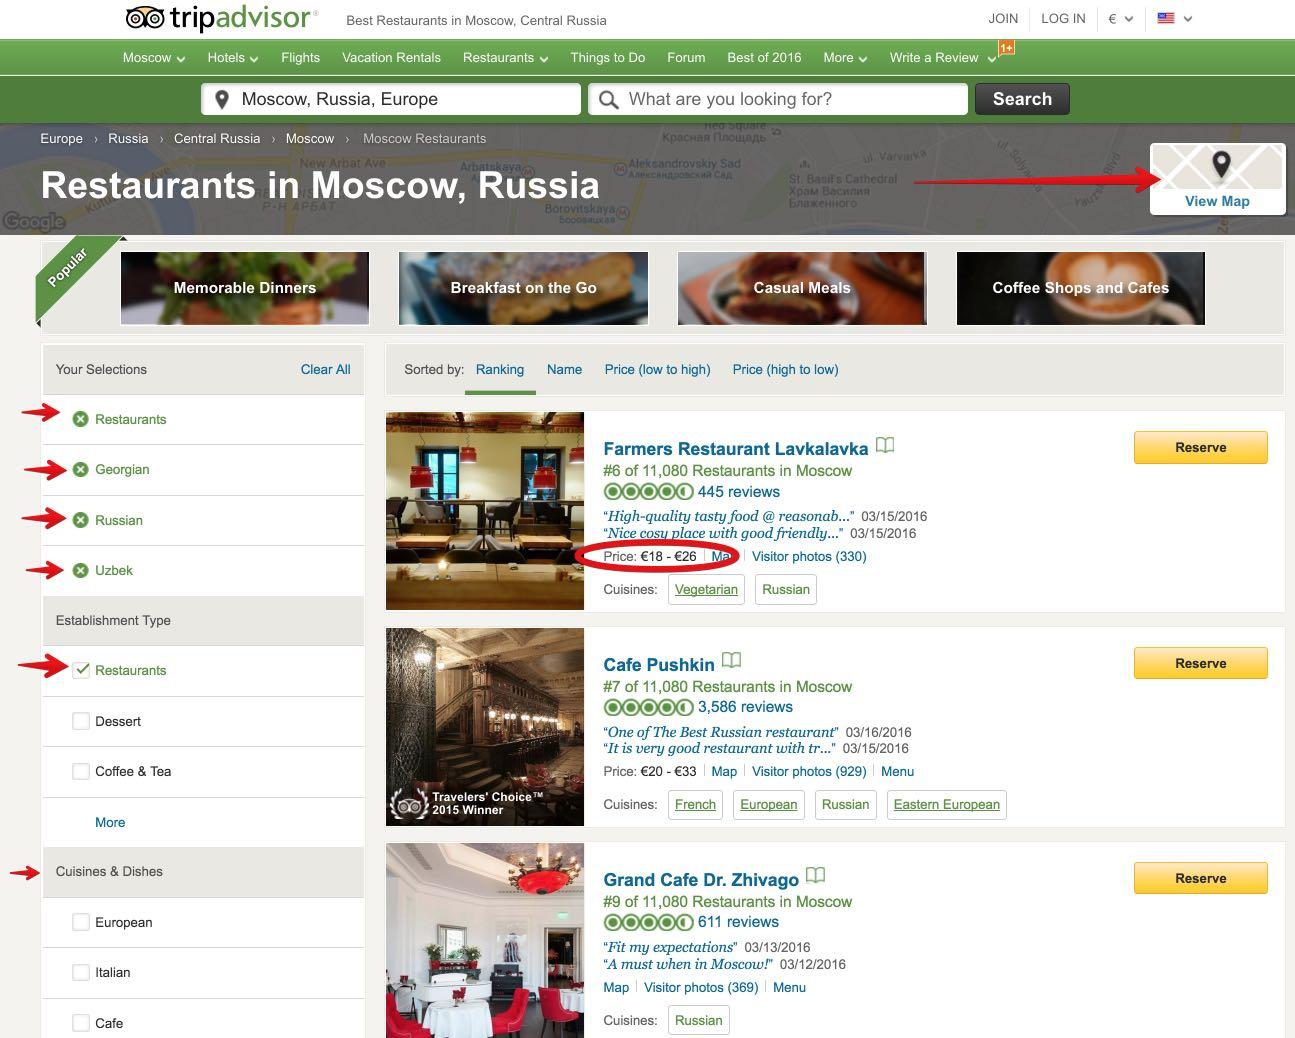 Best bewertete Restaurants - Moskau - TripAdvisor